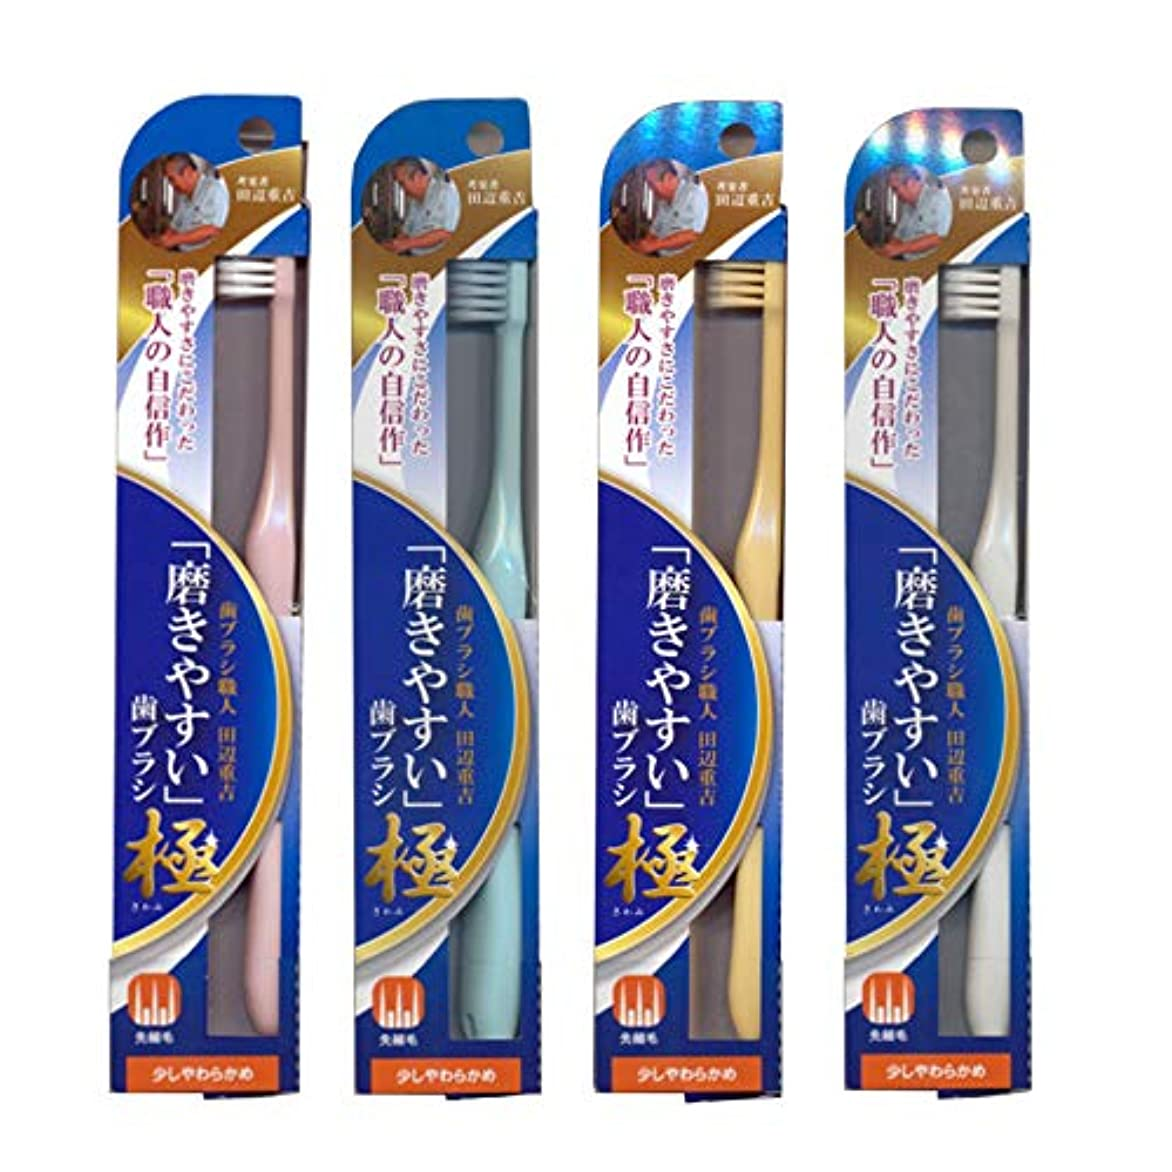 槍起業家間違えた磨きやすい歯ブラシ極 (少し柔らかめ) LT-43×12本セット(ピンク×3、ブルー×3、ホワイト×3、イエロー×3) 先細毛